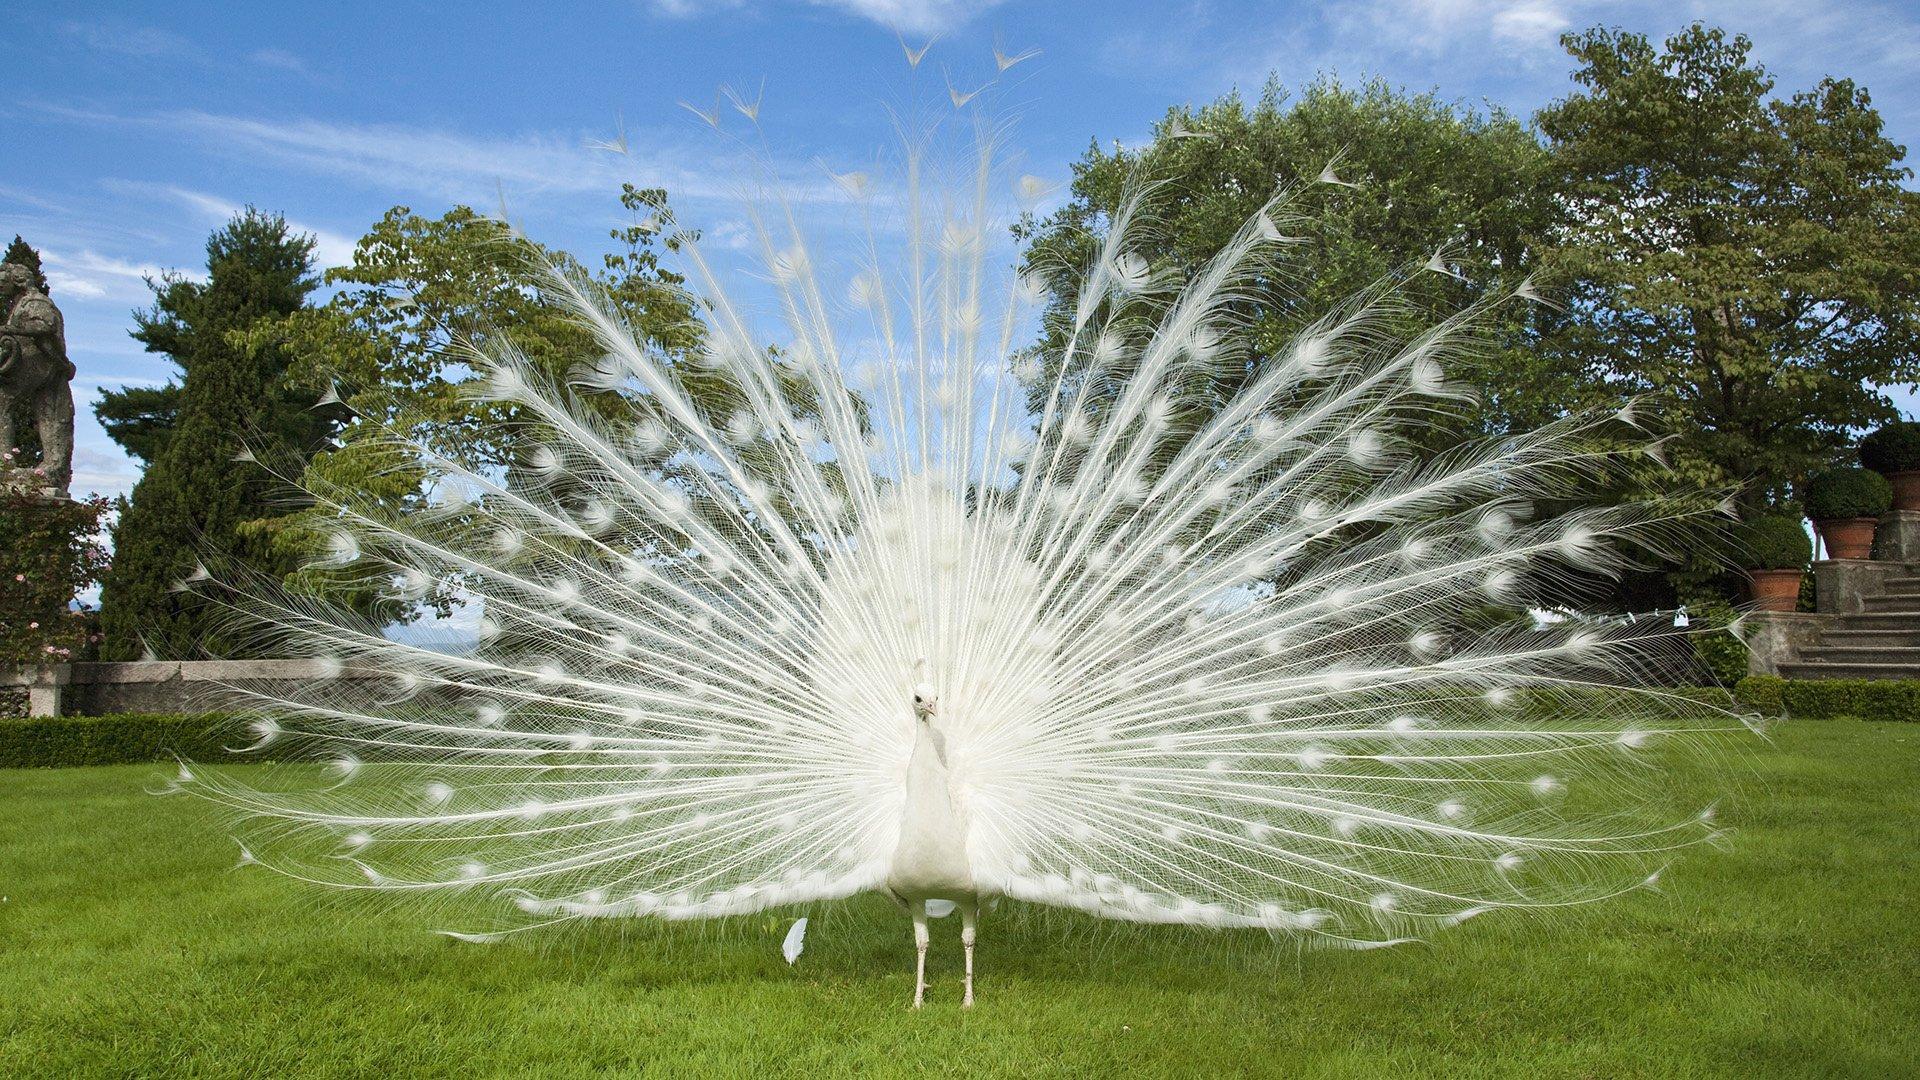 Animal - Peacock  Bird Wallpaper